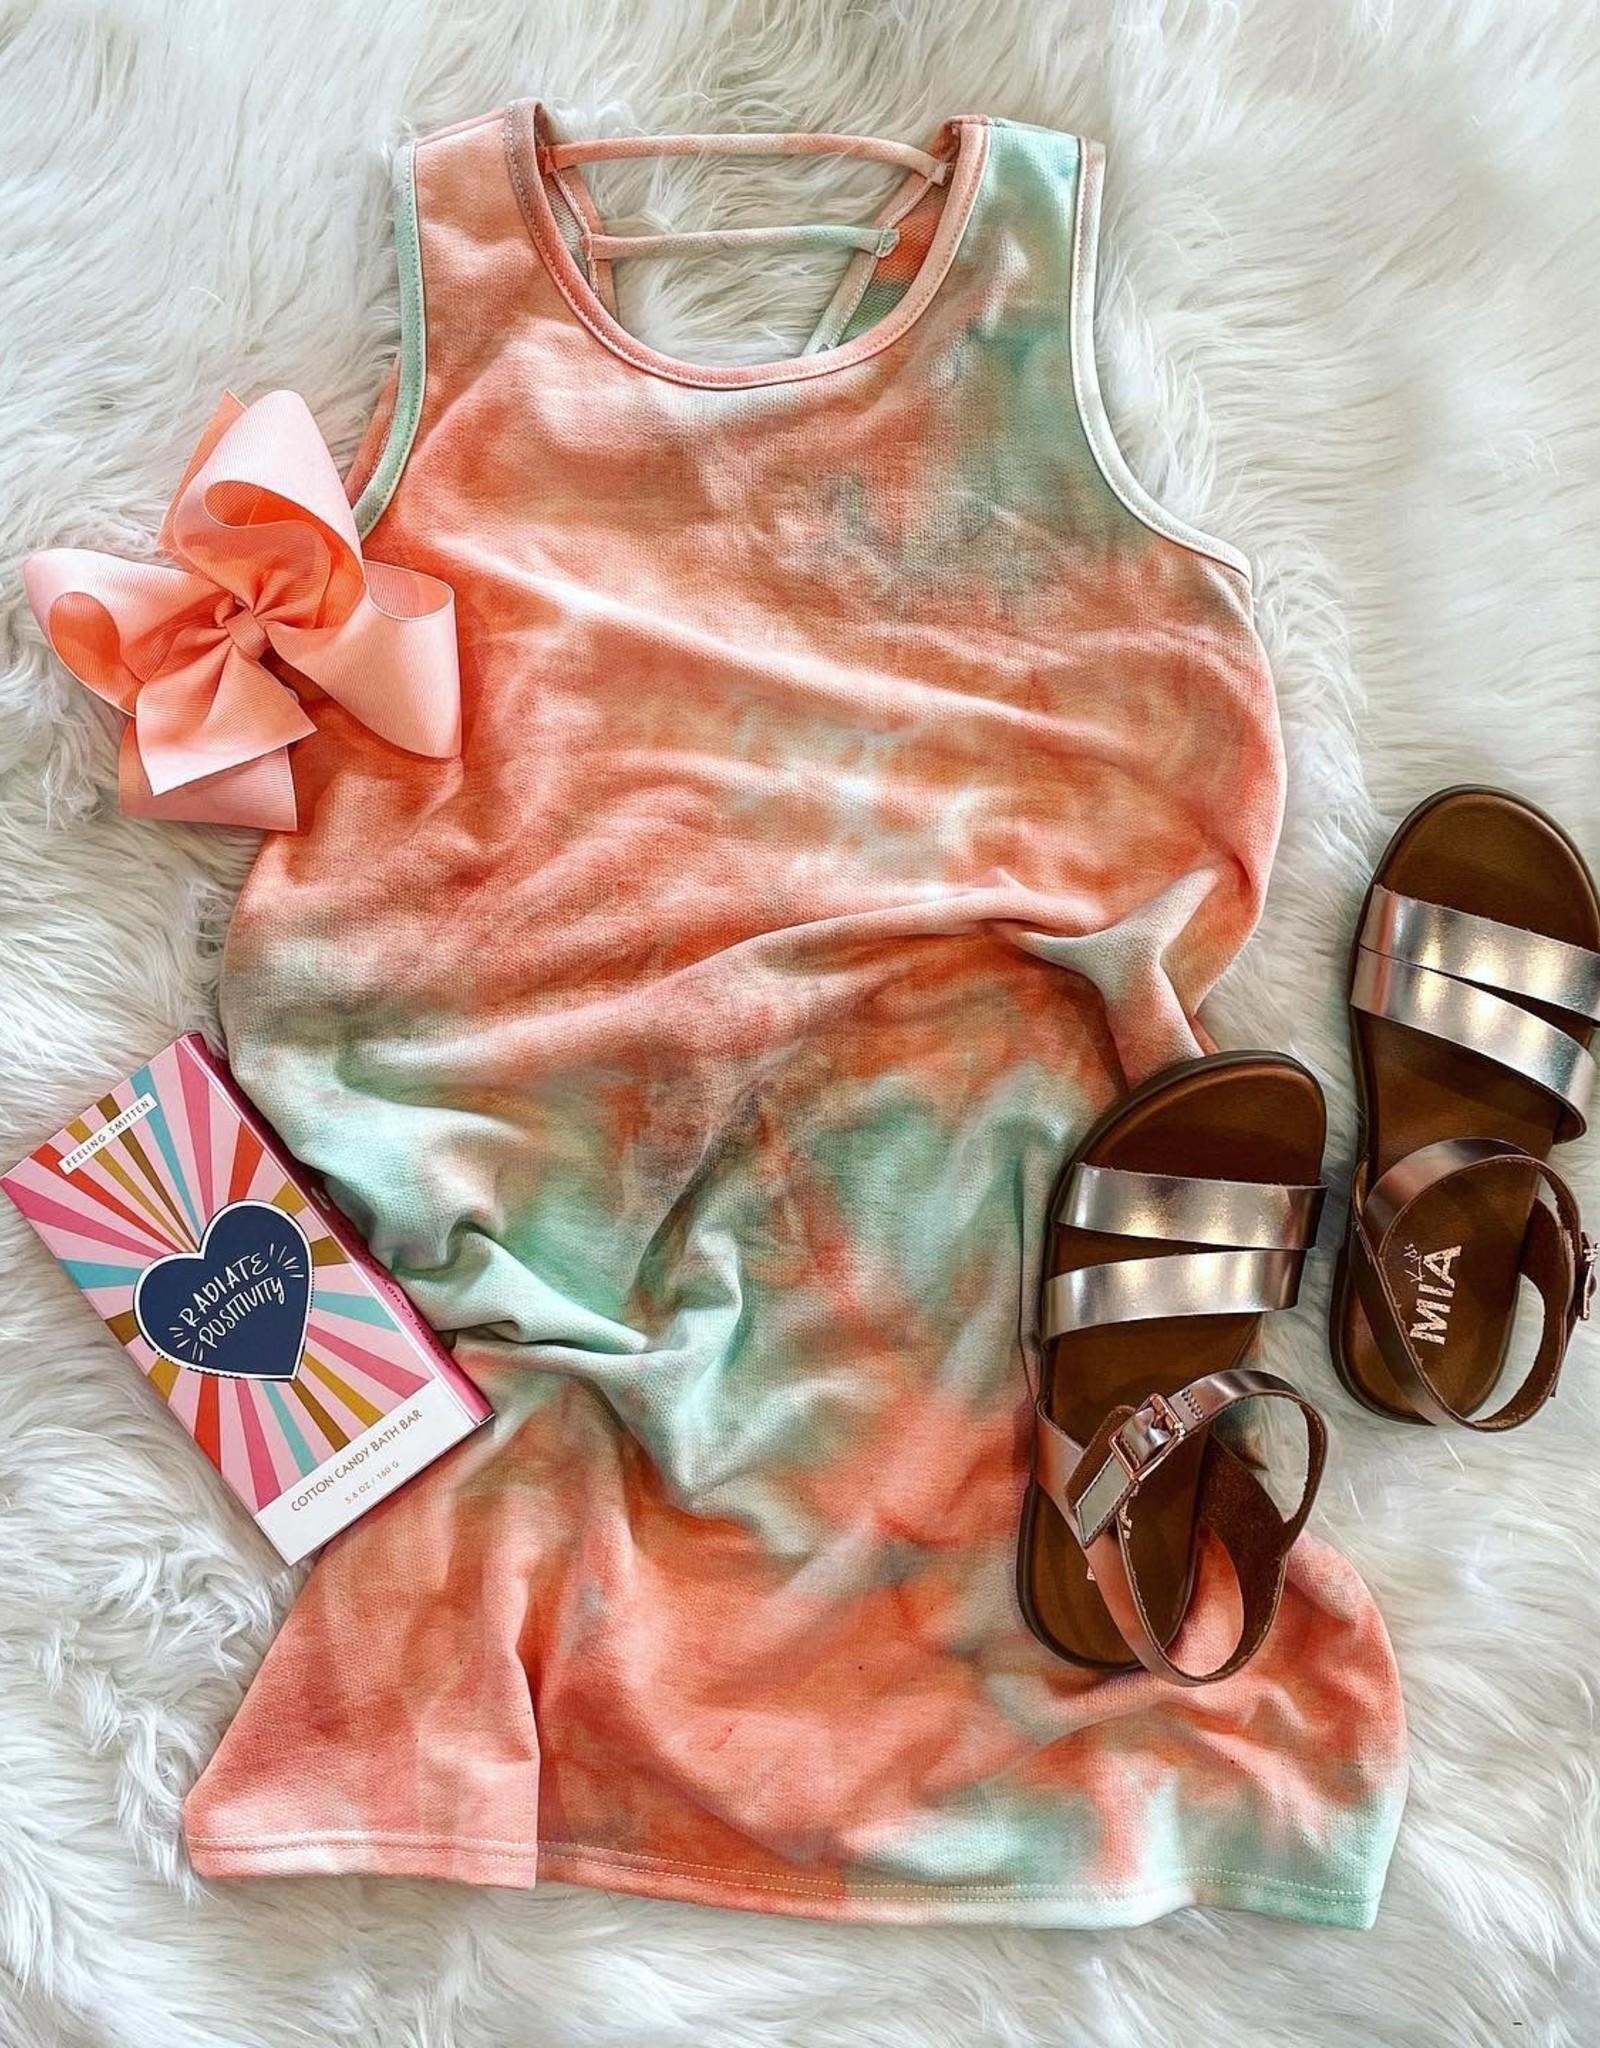 For All Seasons Gracen Dress in Peach TieDye